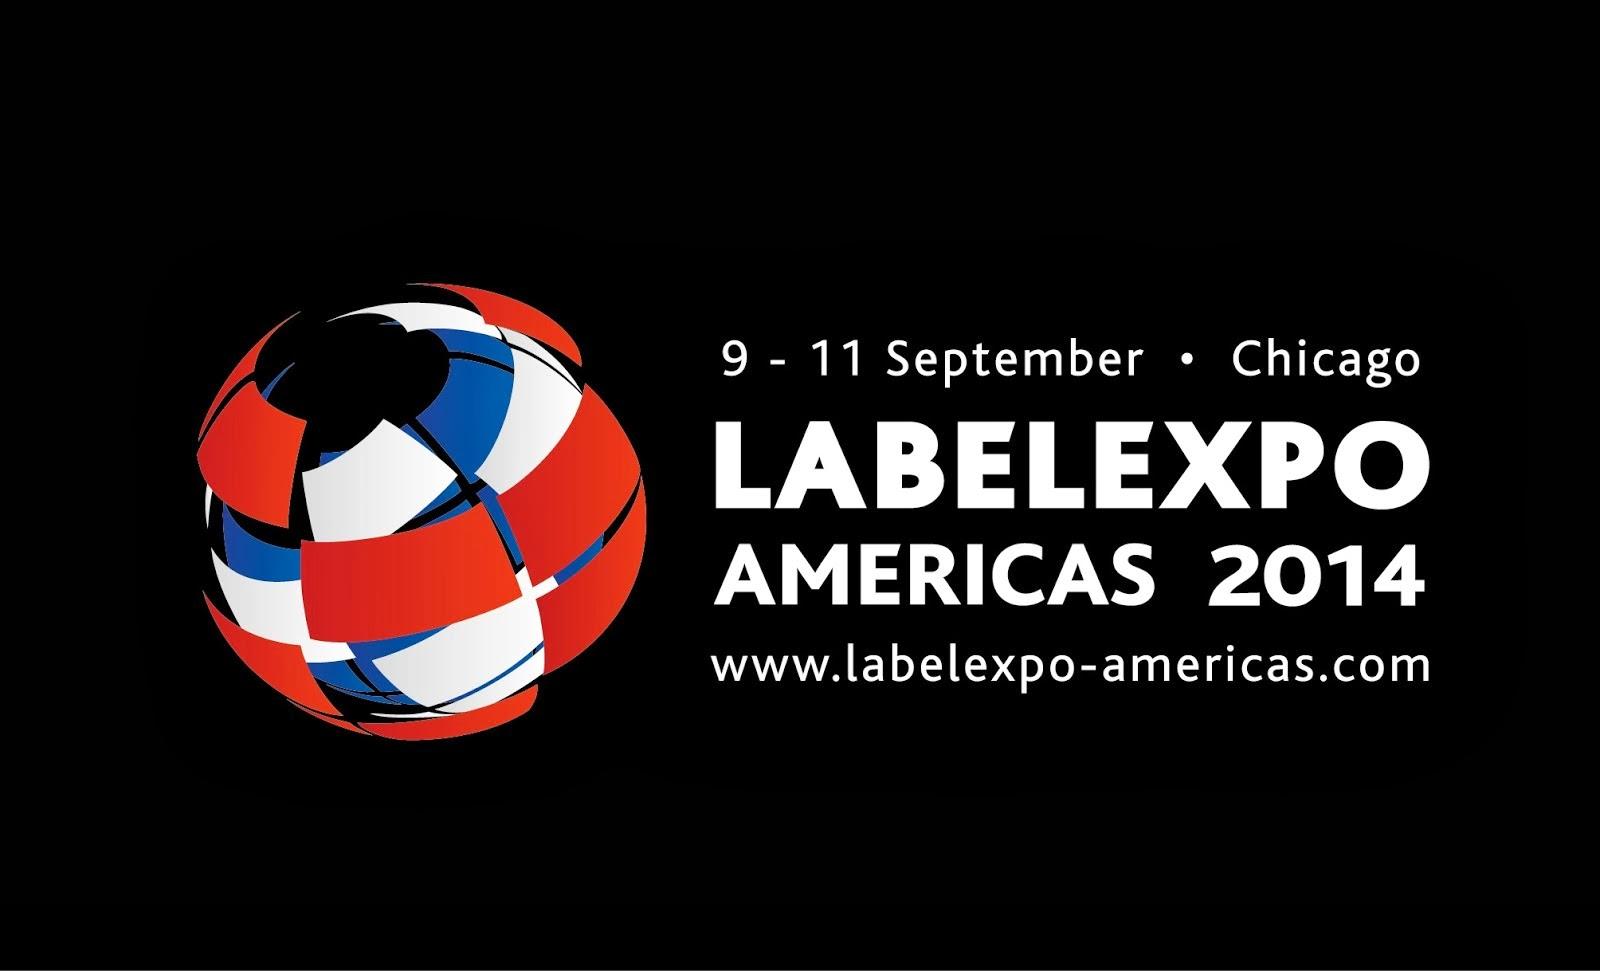 LABELEXPO AMERICAS 2014